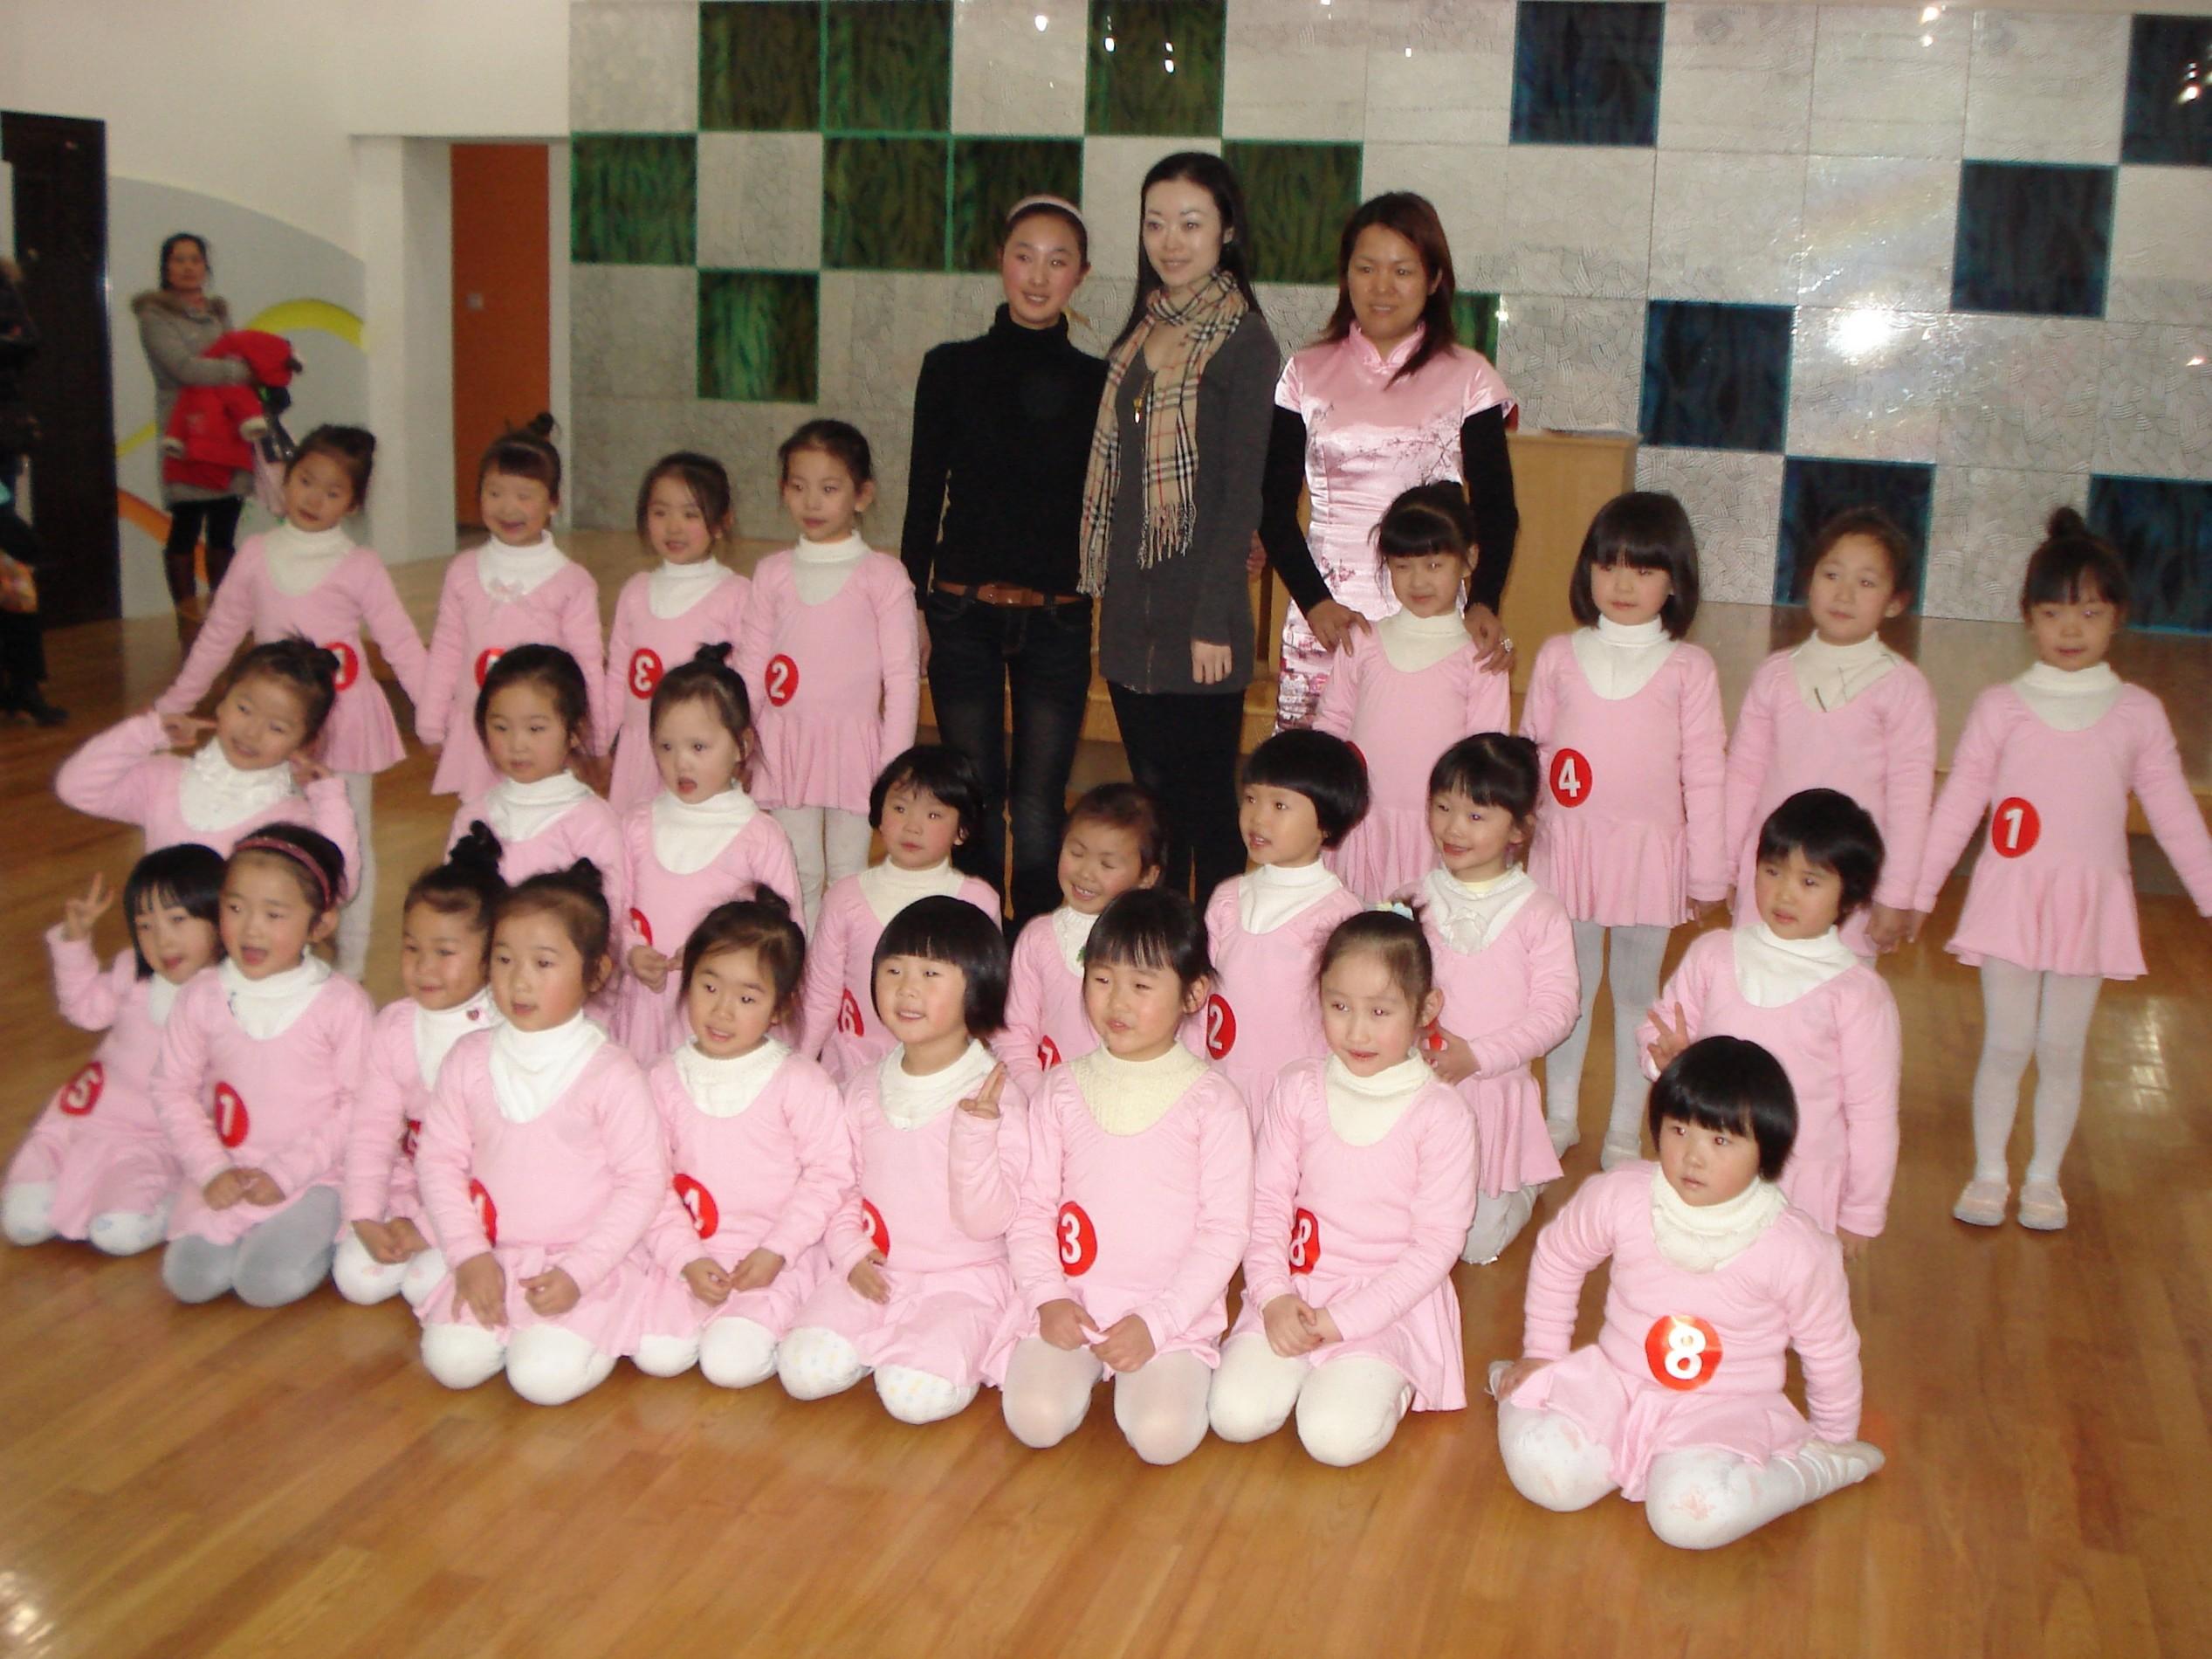 第一次舞蹈考级 - 成长日记 - 快乐的宜清